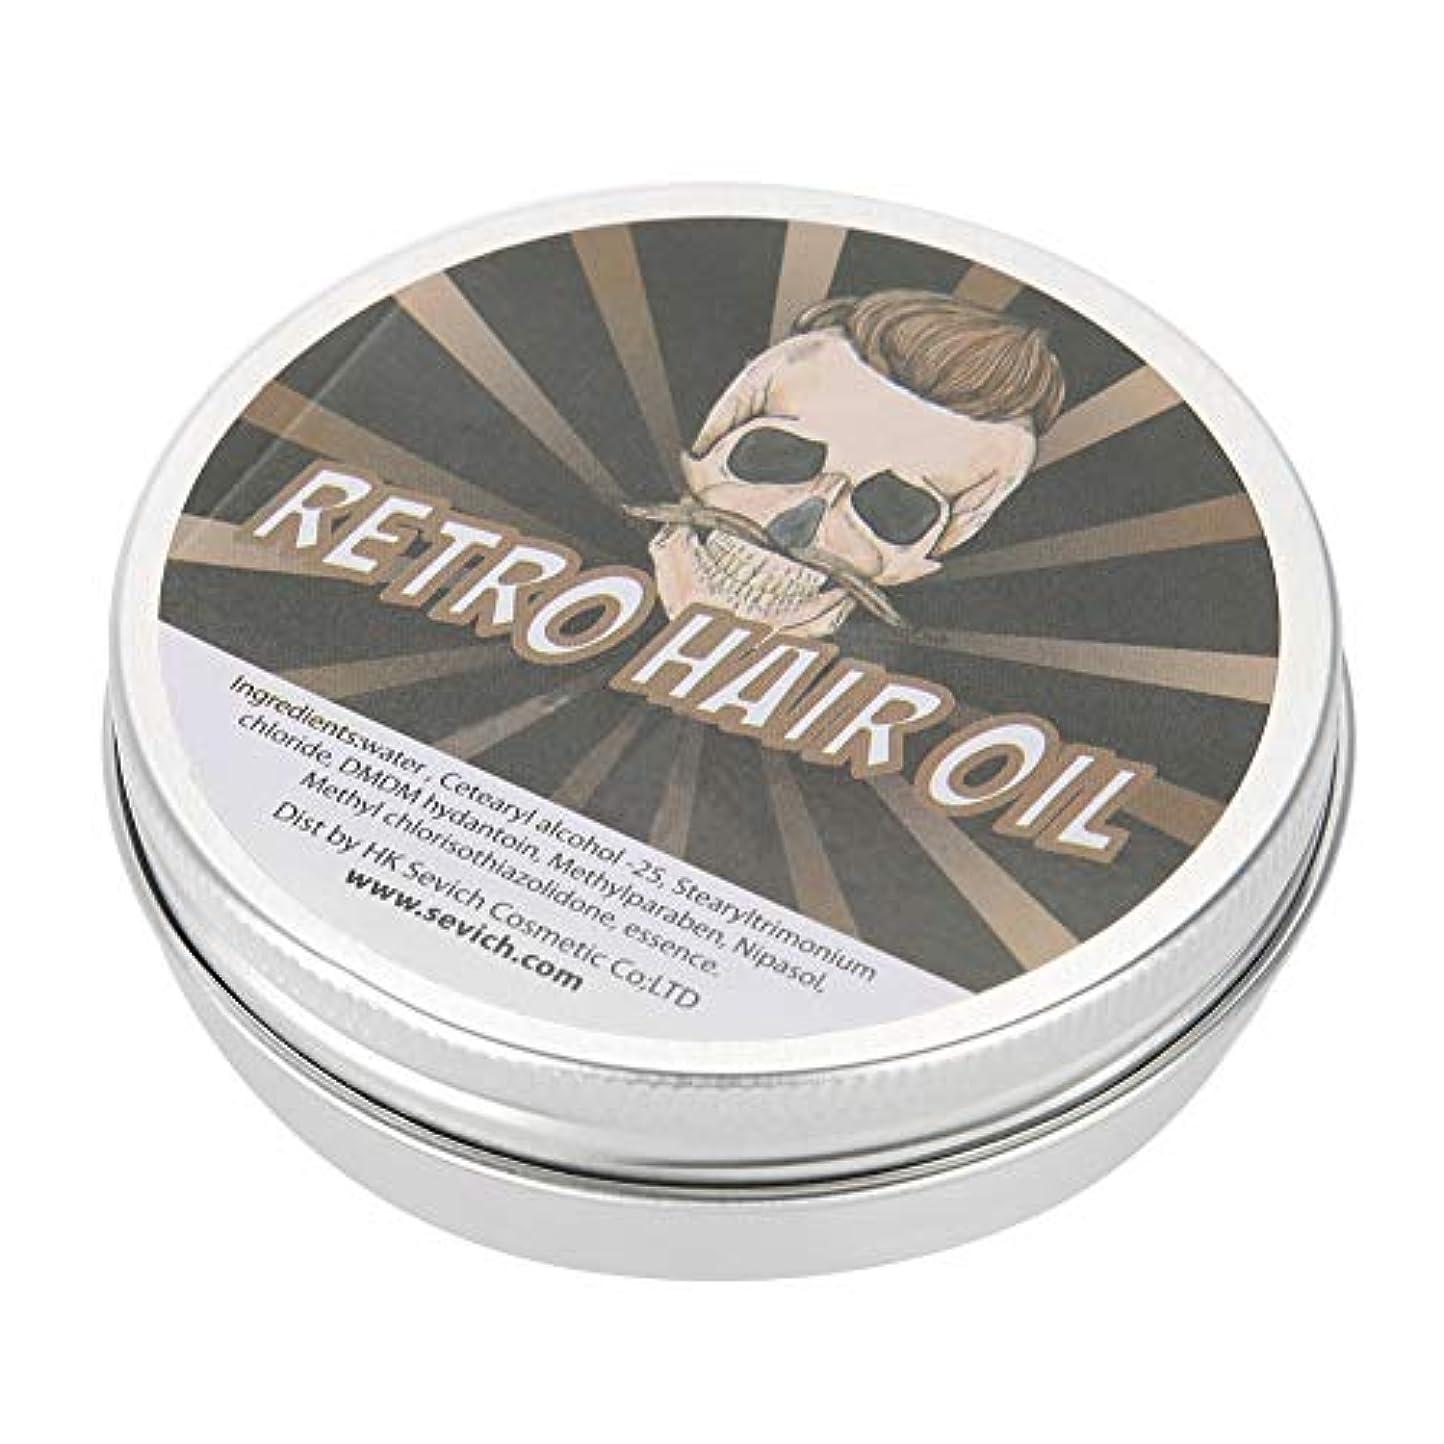 キャンセル荷物微生物ヘアワックス パーフェクトロング 永続的なヘアワックス 水ベースのヘアスタイリング ポマードヘアモデリングワックス